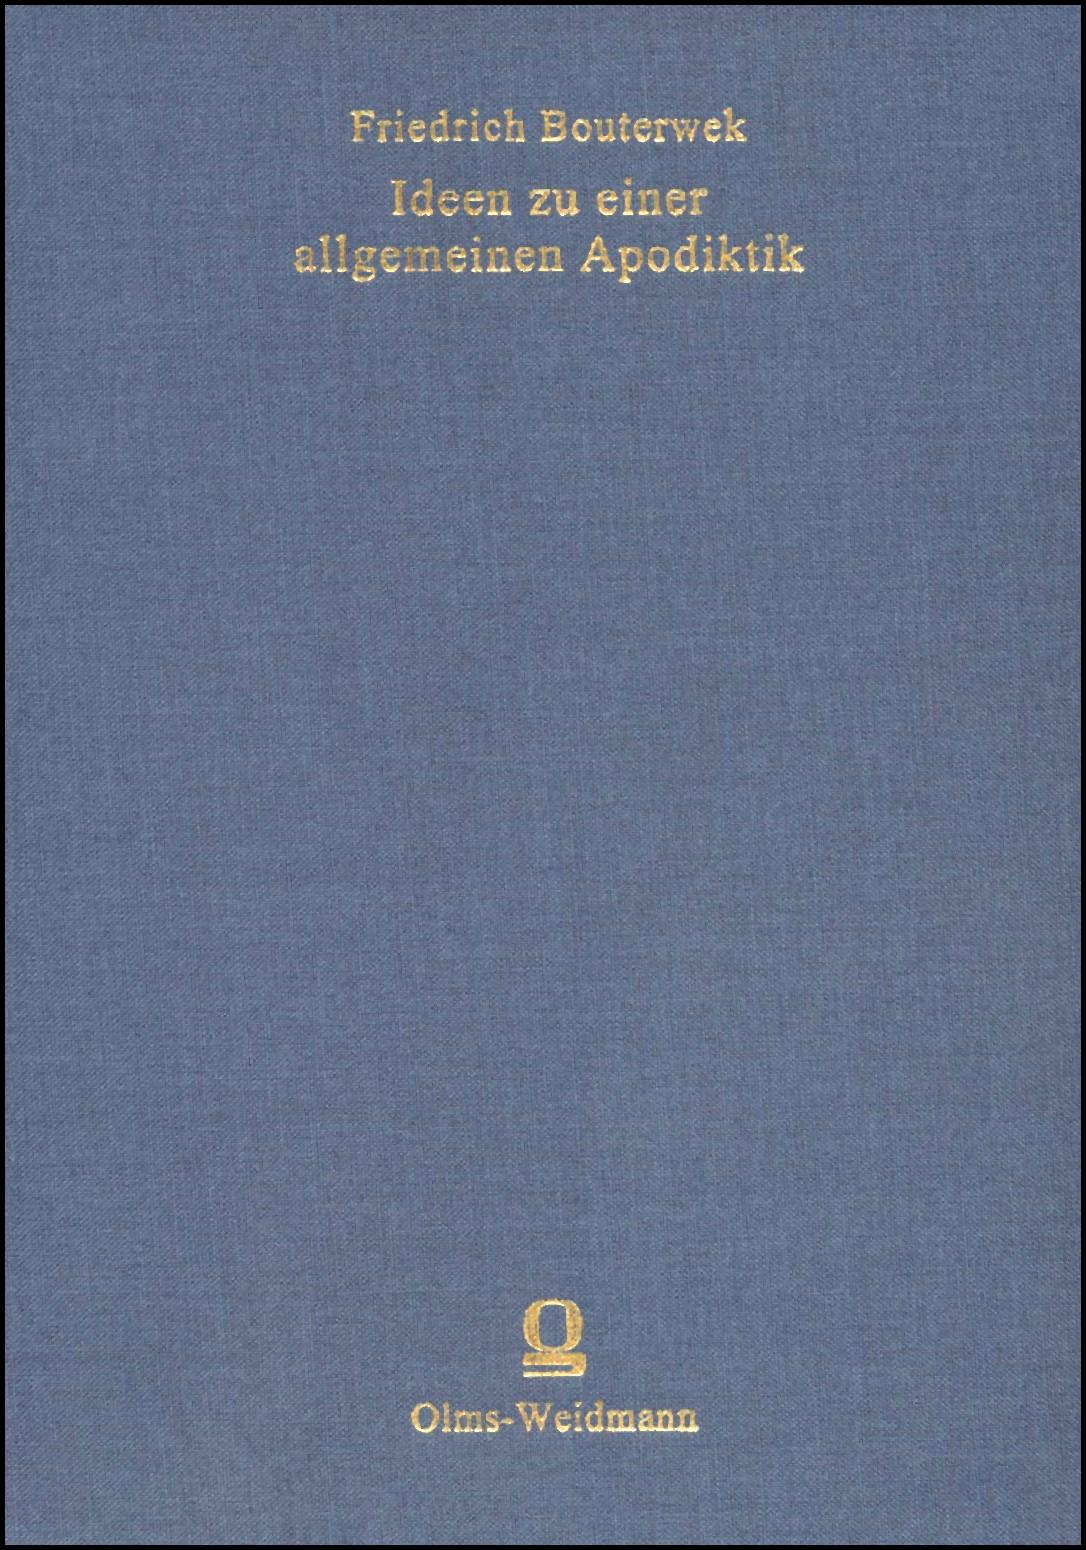 Ideen zu einer allgemeinen Apodiktik | Bouterwek | 1., Aufl. (Nachdr. d. Ausg. Halle 1799), 2006 | Buch (Cover)